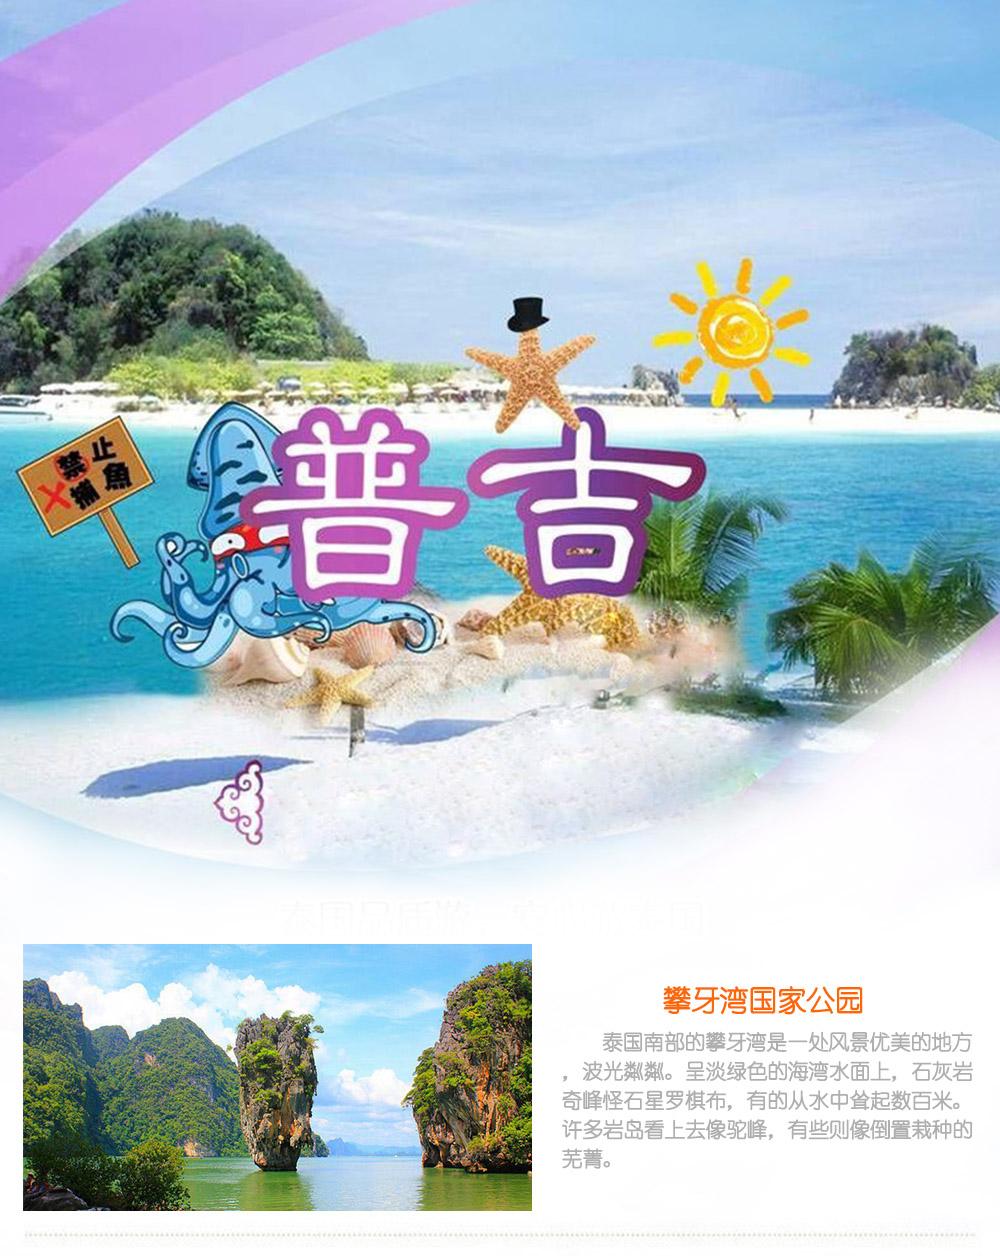 泰国普吉岛6日跟团游·奥曼珍珠岛+翠竹岛+大堡礁